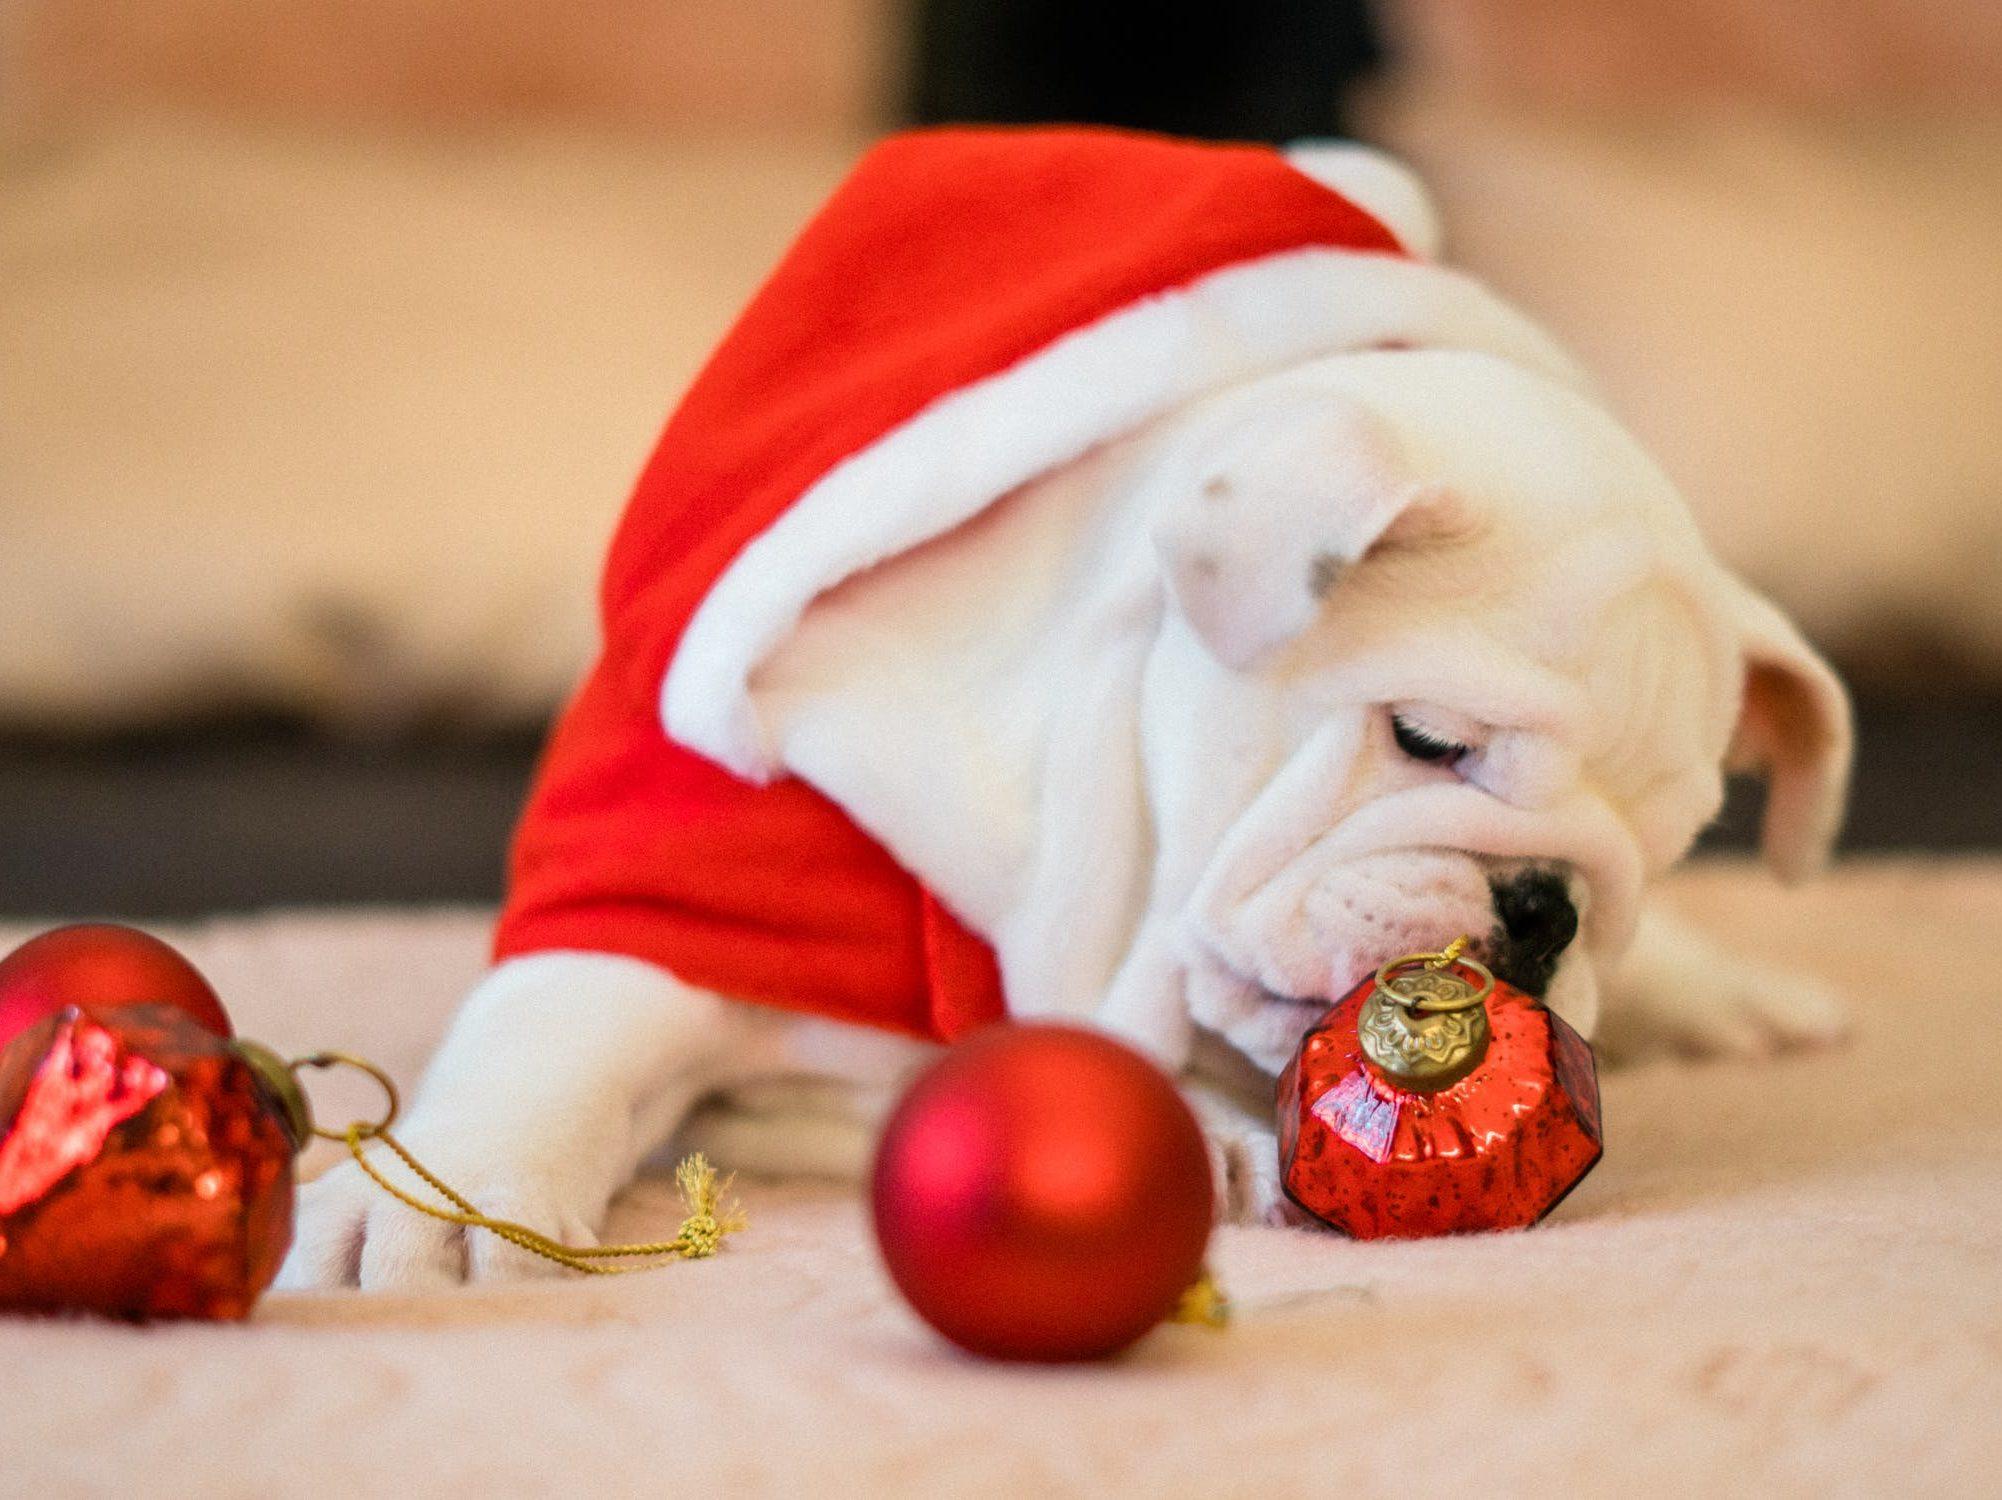 Hunde im Weihnachtsmannkostüm mit Weihnachtsbaumkugeln